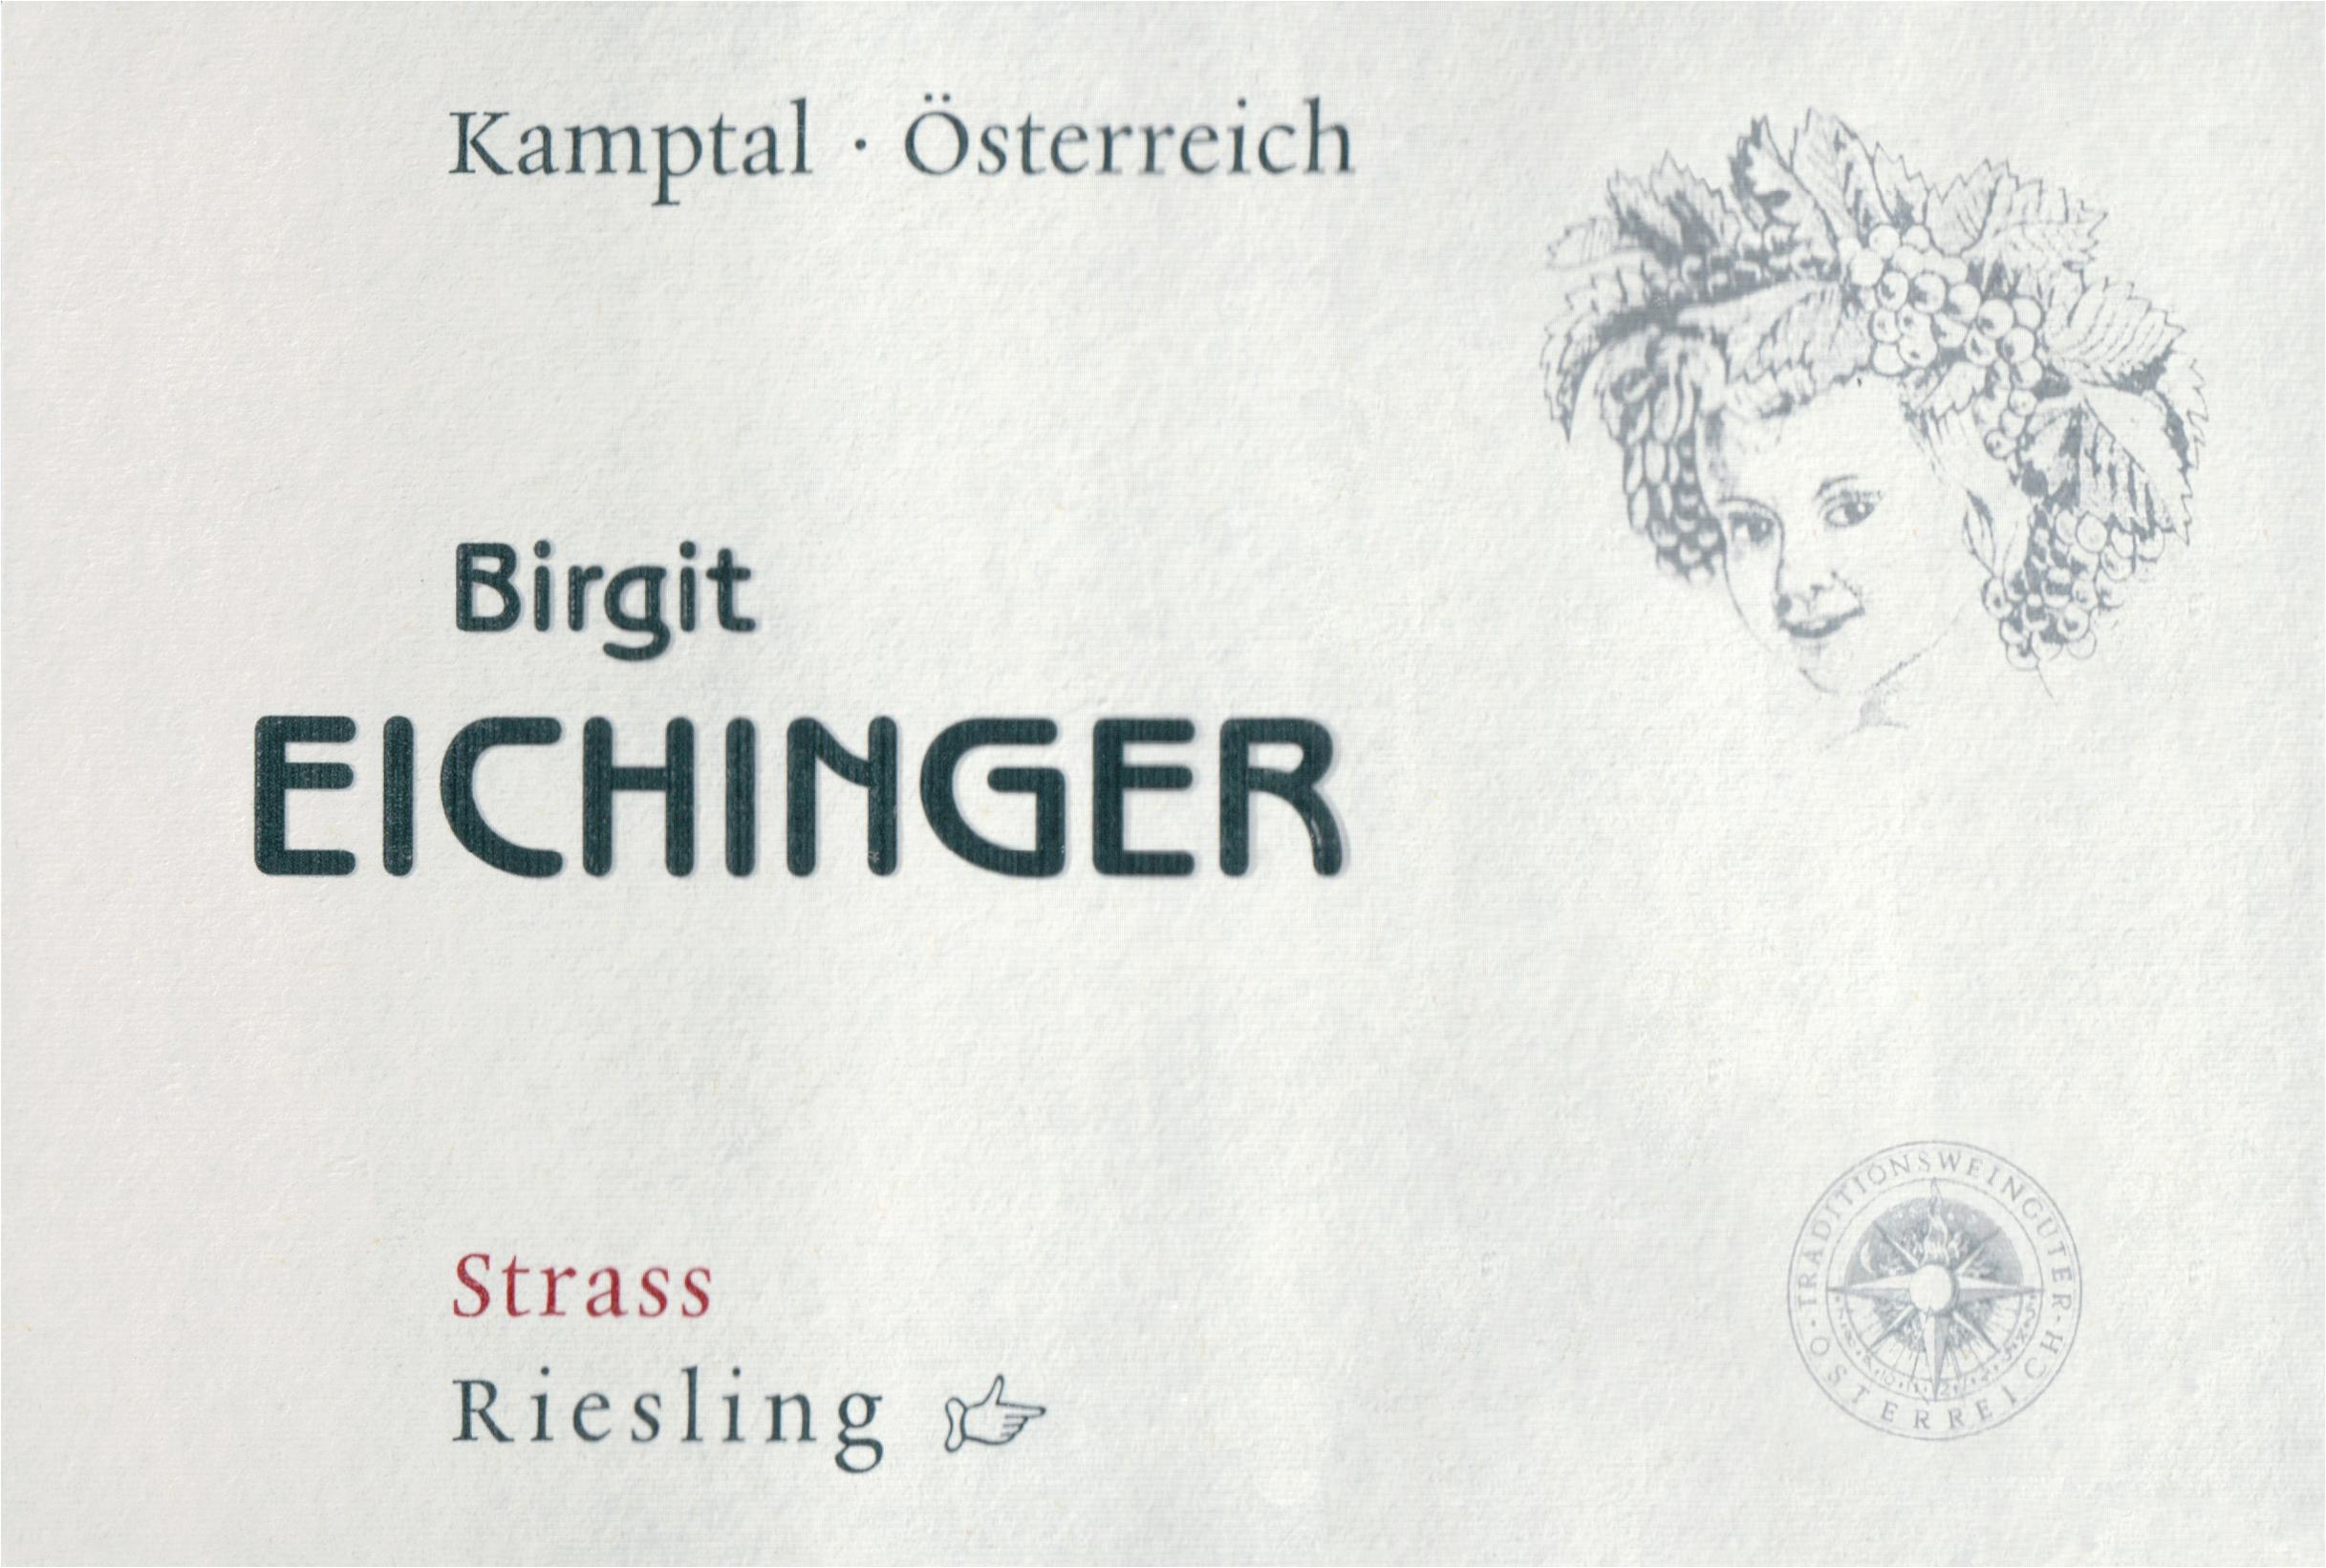 Birgit Eichinger Riesling Strass 2018